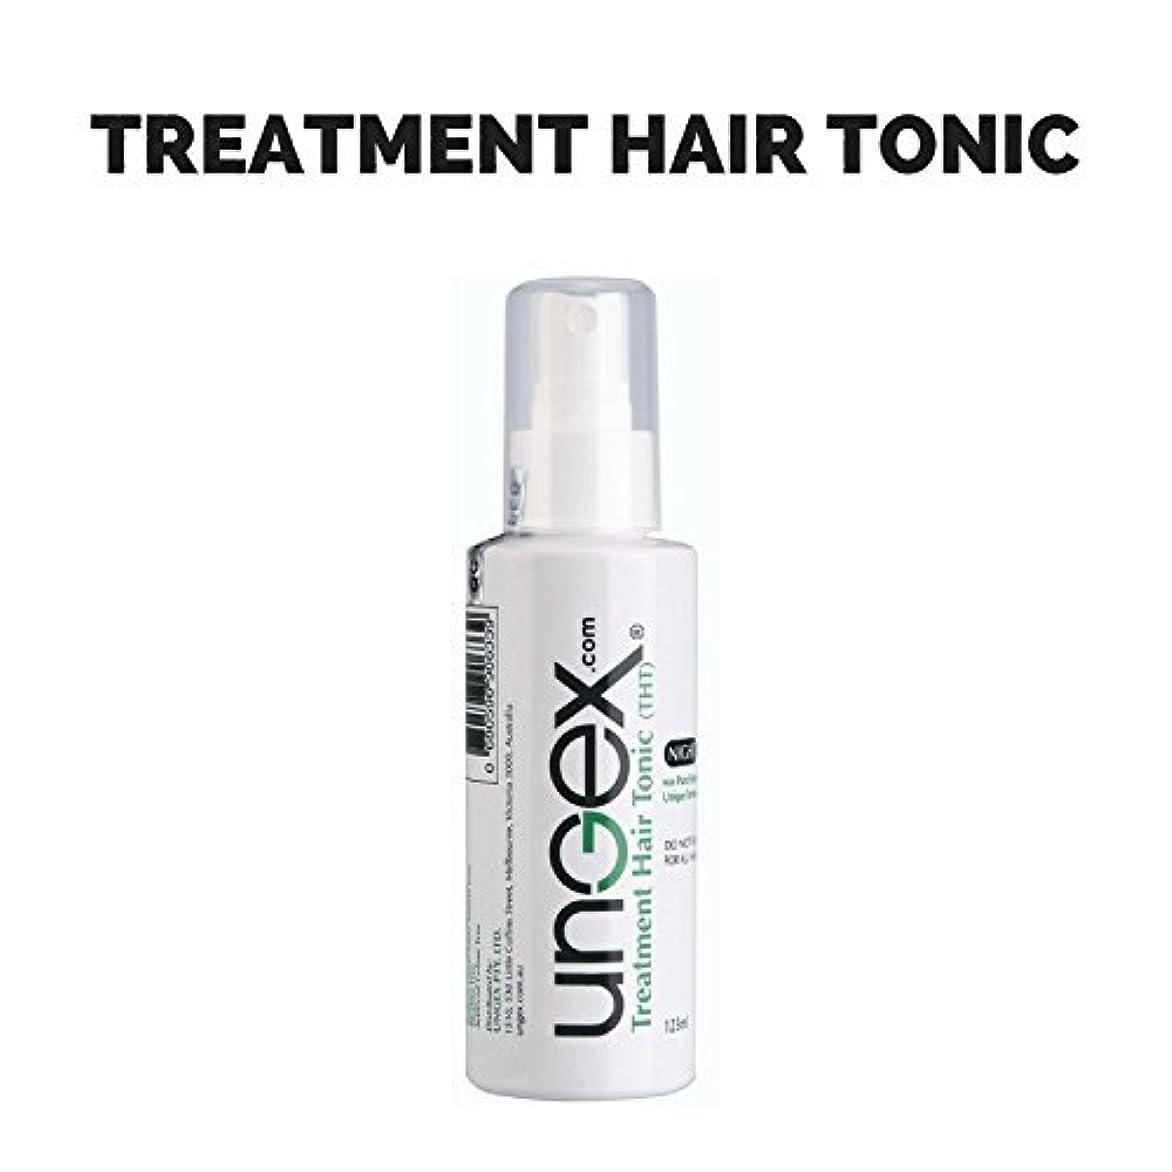 操る筋原告Treatment Hair Tonic - Protect Scalp and Soothe Itching from Demodex Mites